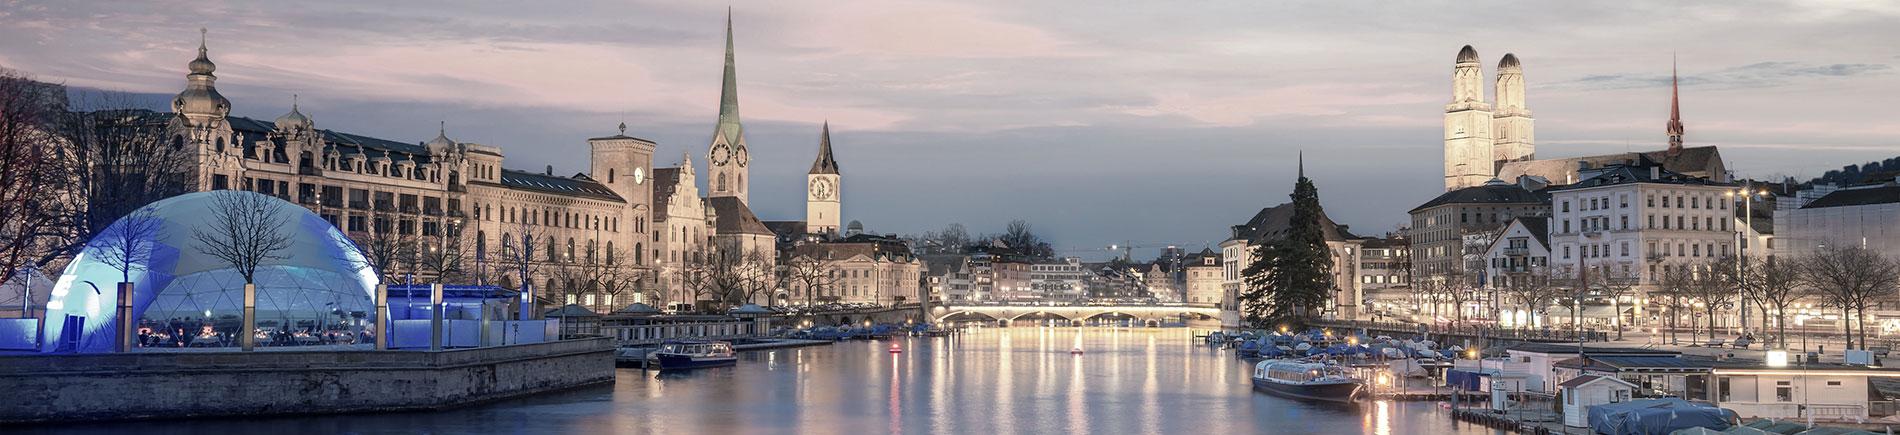 infactory IT-Unternehmen : Zürich Schweiz